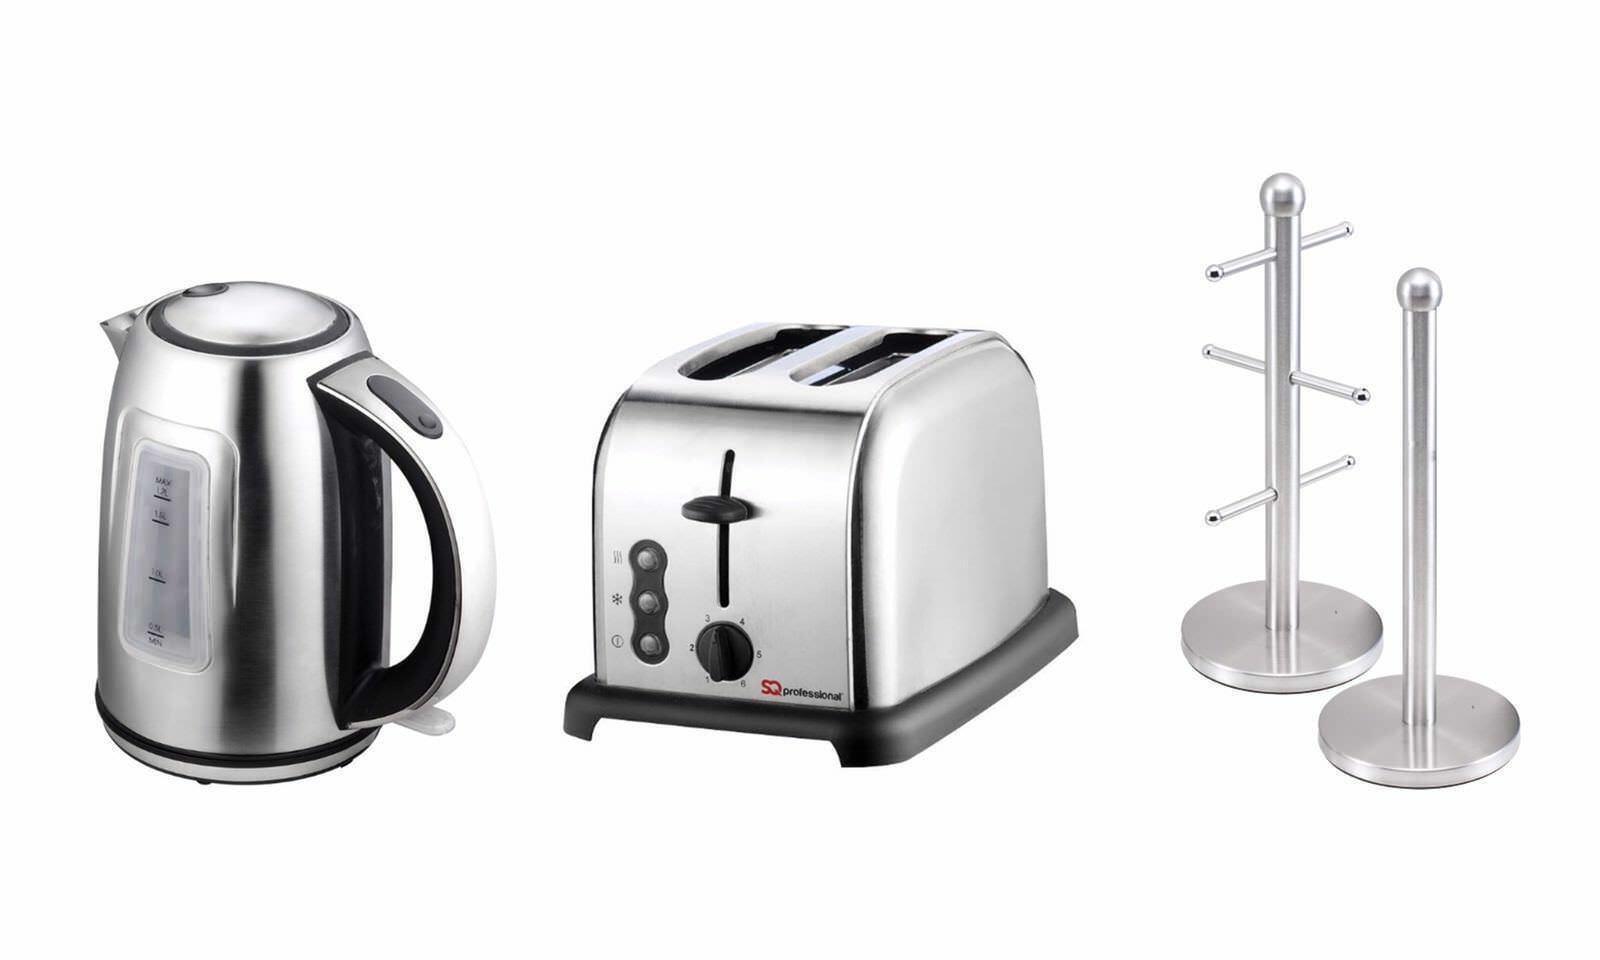 Bollitore, tostapane e tazza albero porta rotolo da cucina & Stand Set in 4 coloreI